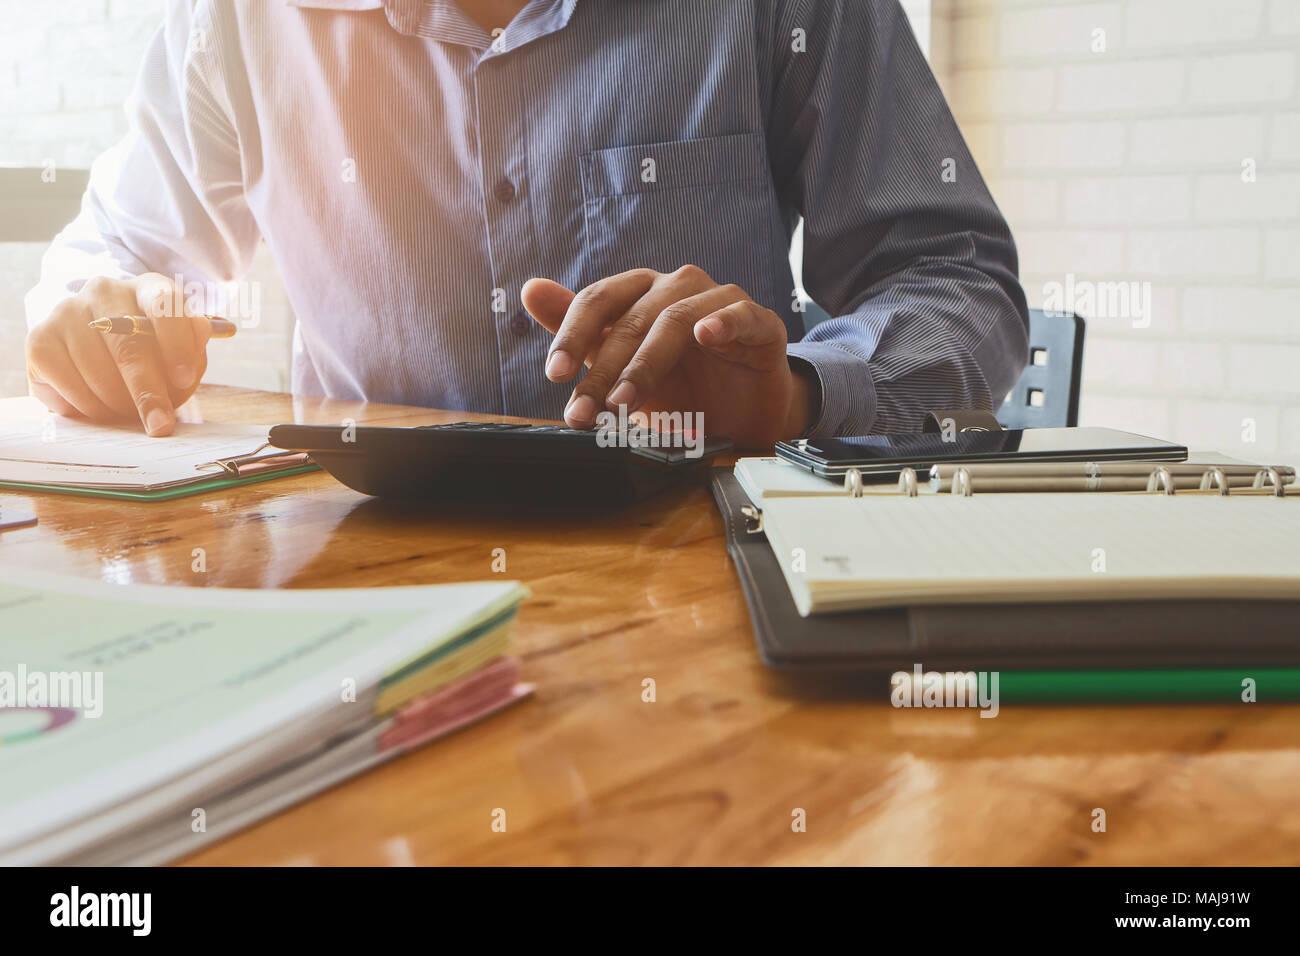 Nahaufnahme, Geschäftsmann, Hand mit Taschenrechner. Professionelle Anleger über die Kosten berechnen. Finance Manager Aufgabe. Stockfoto